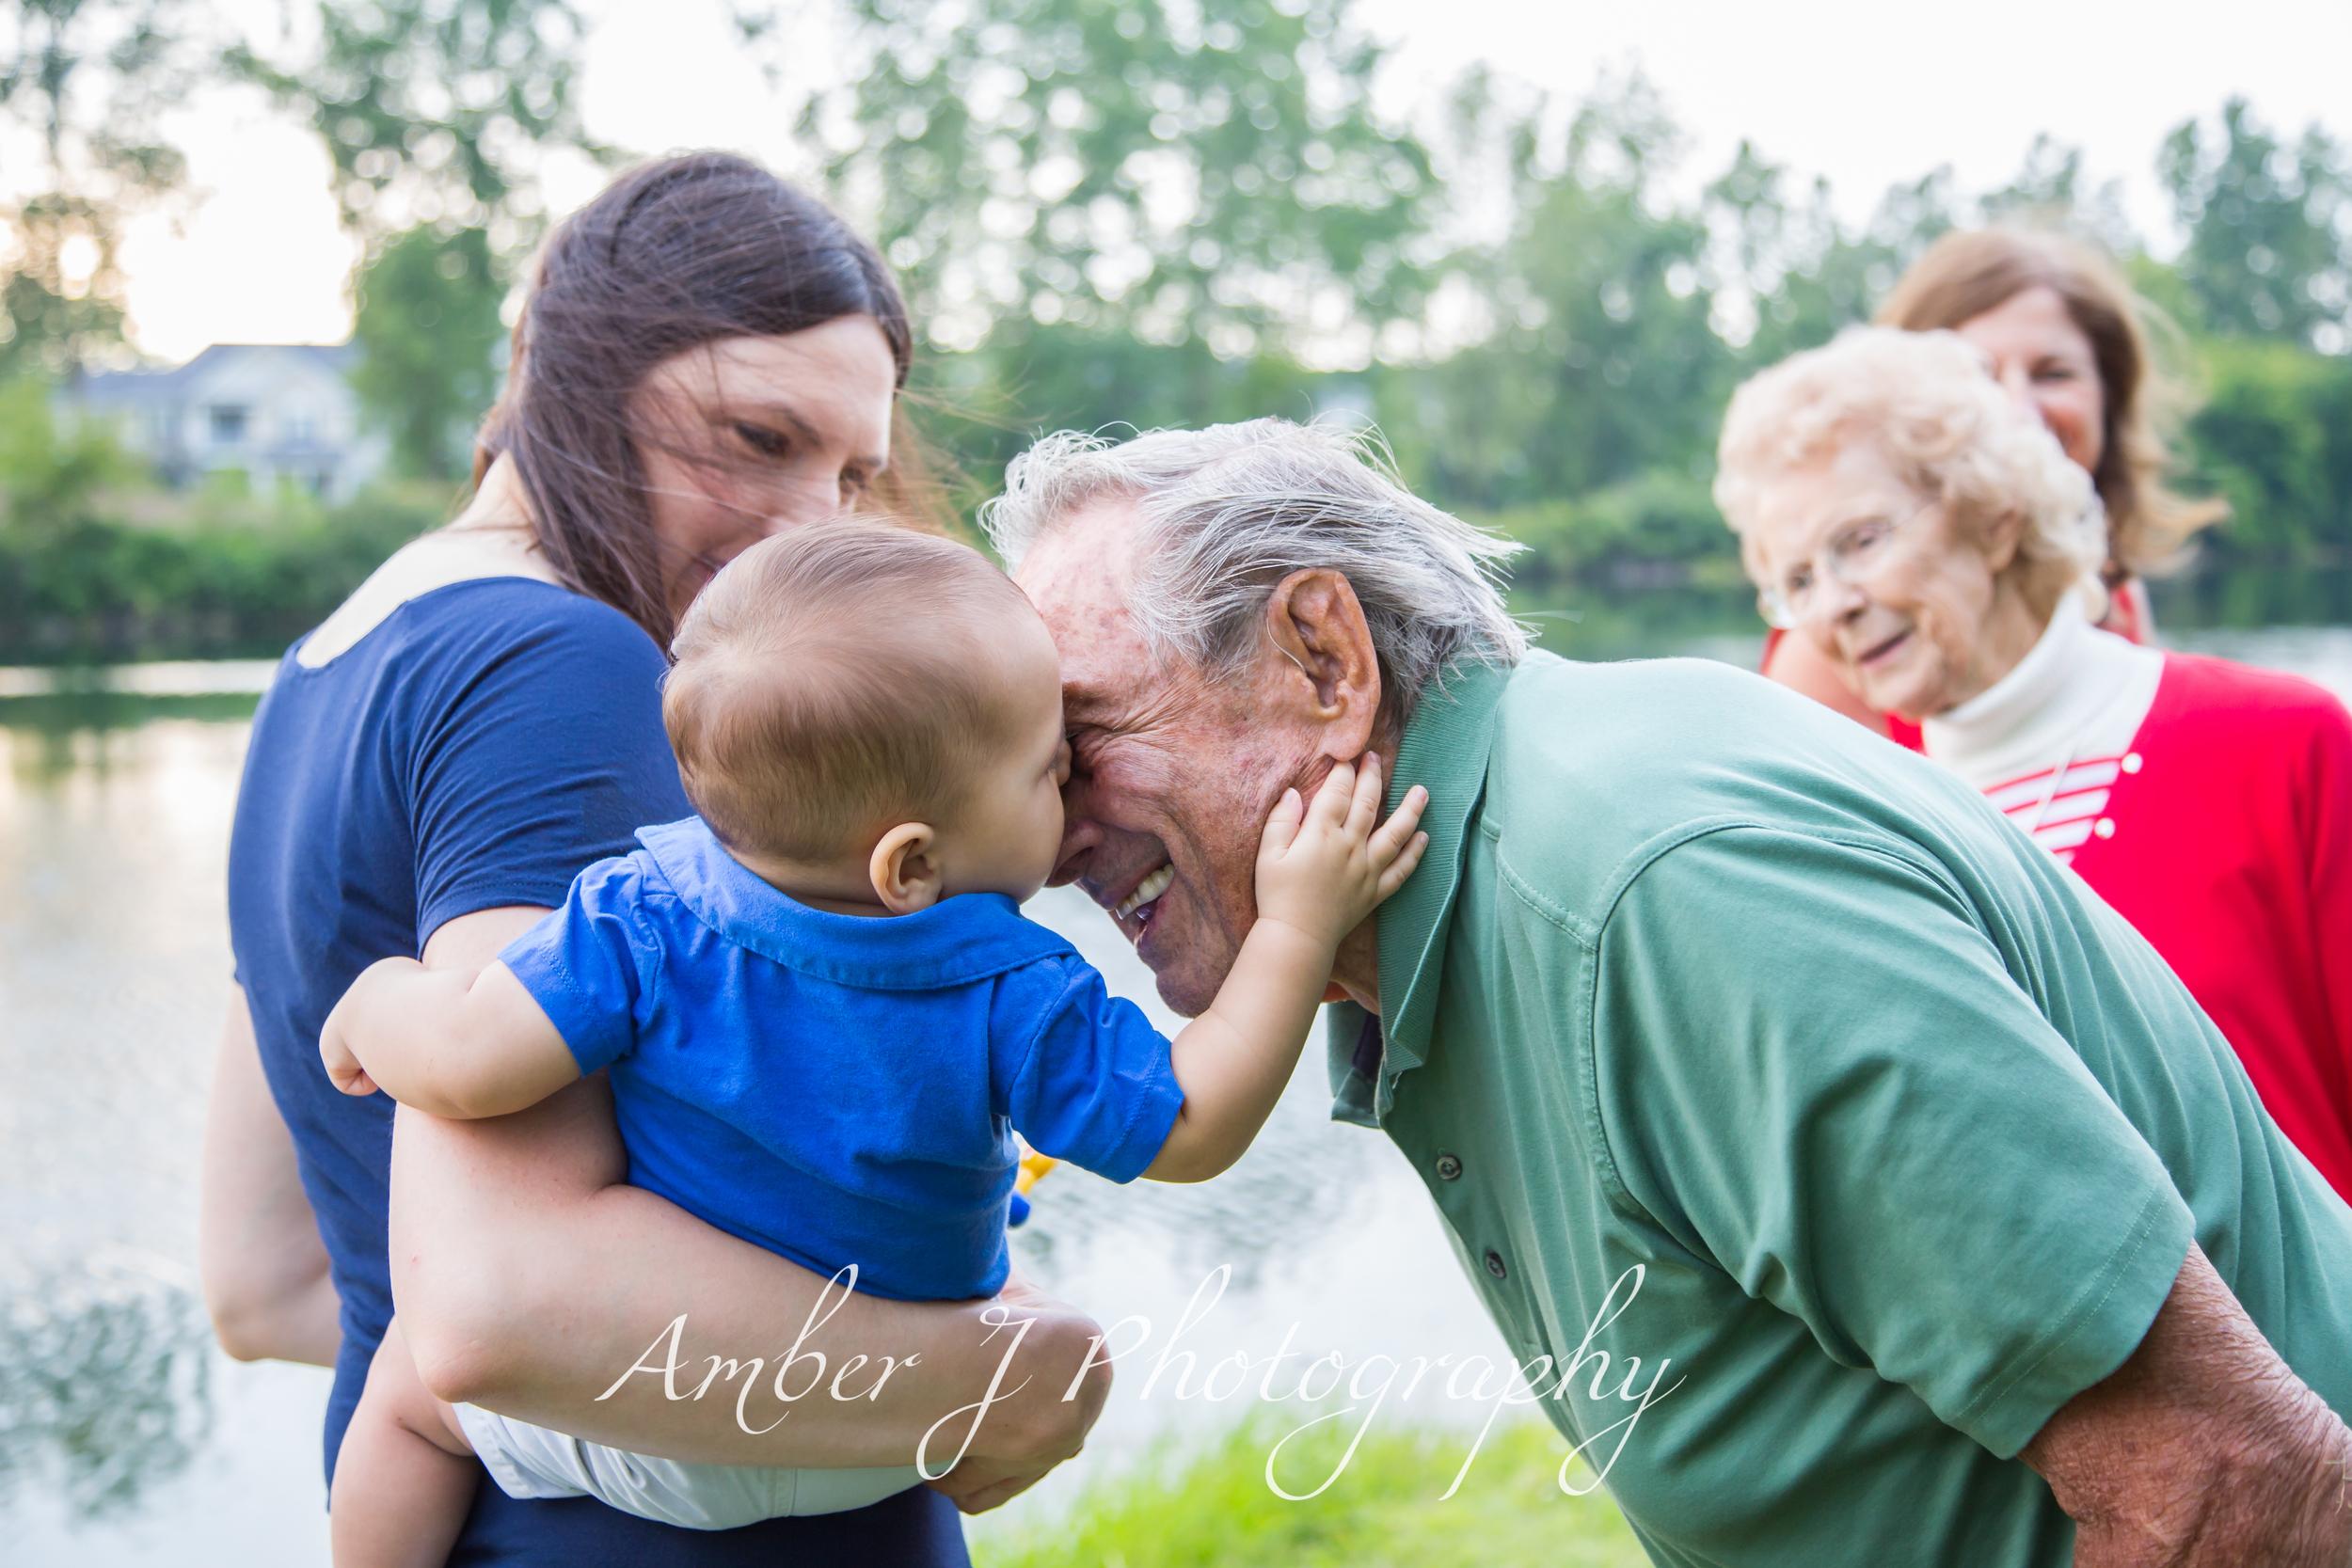 Burrfamily_amberjphotographyblog_14.jpg